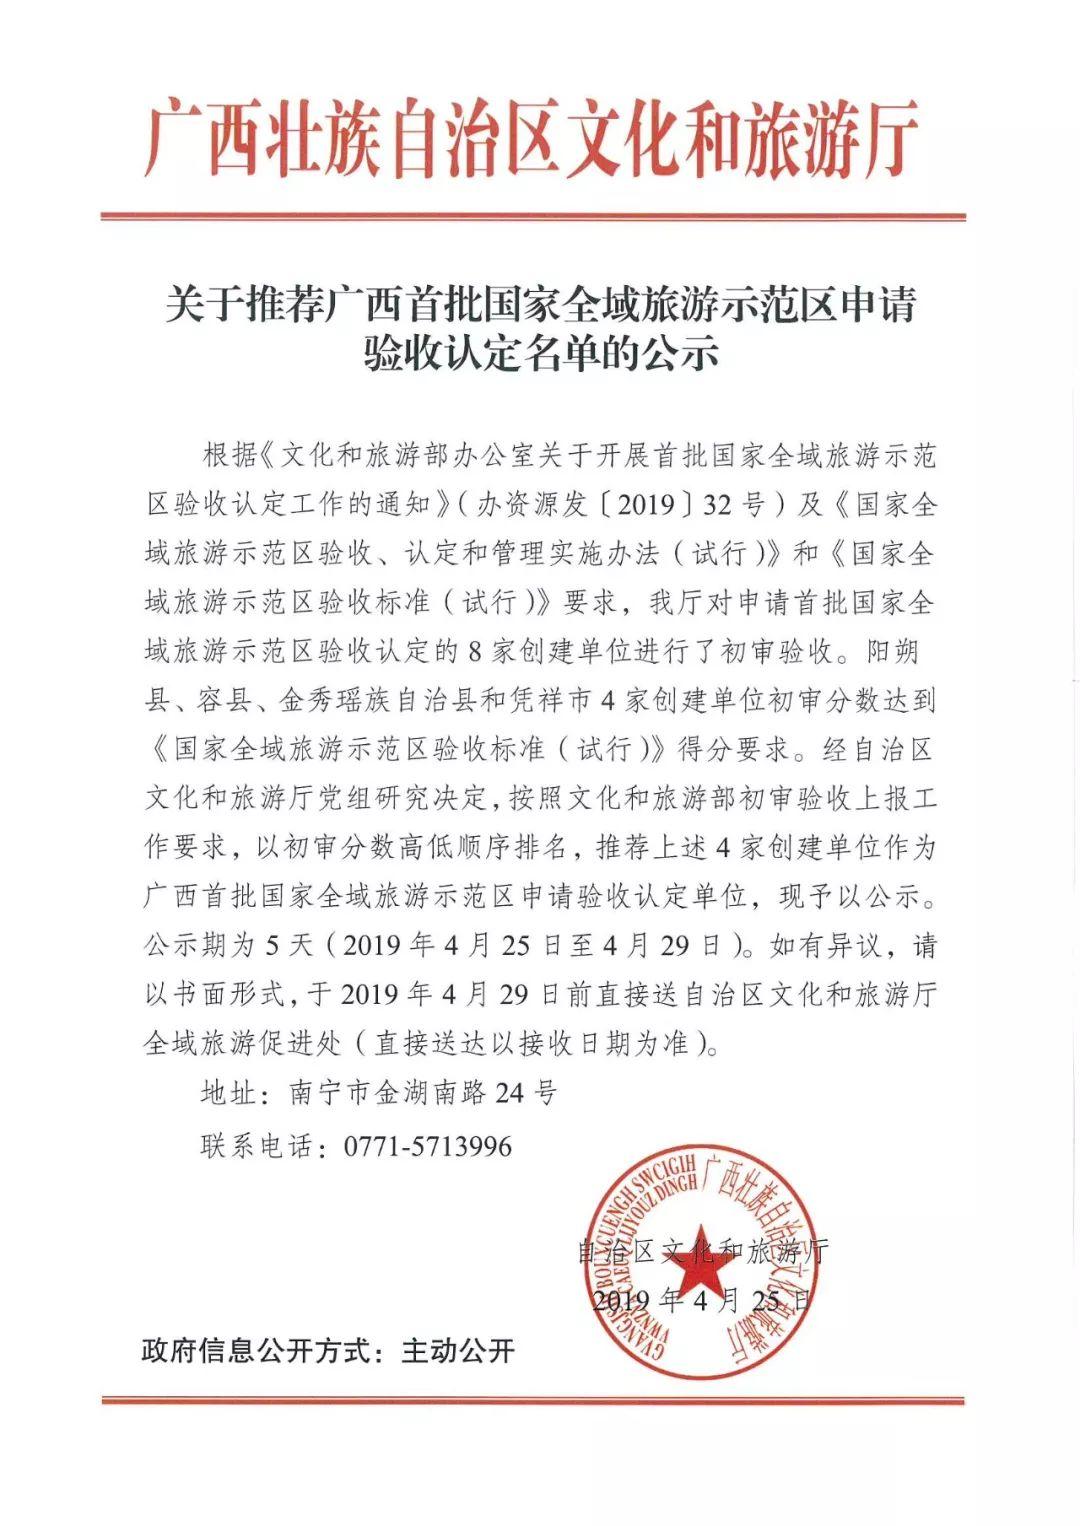 冲刺啦!桂林这个地方力争跨入国家全域旅游示范区(图)